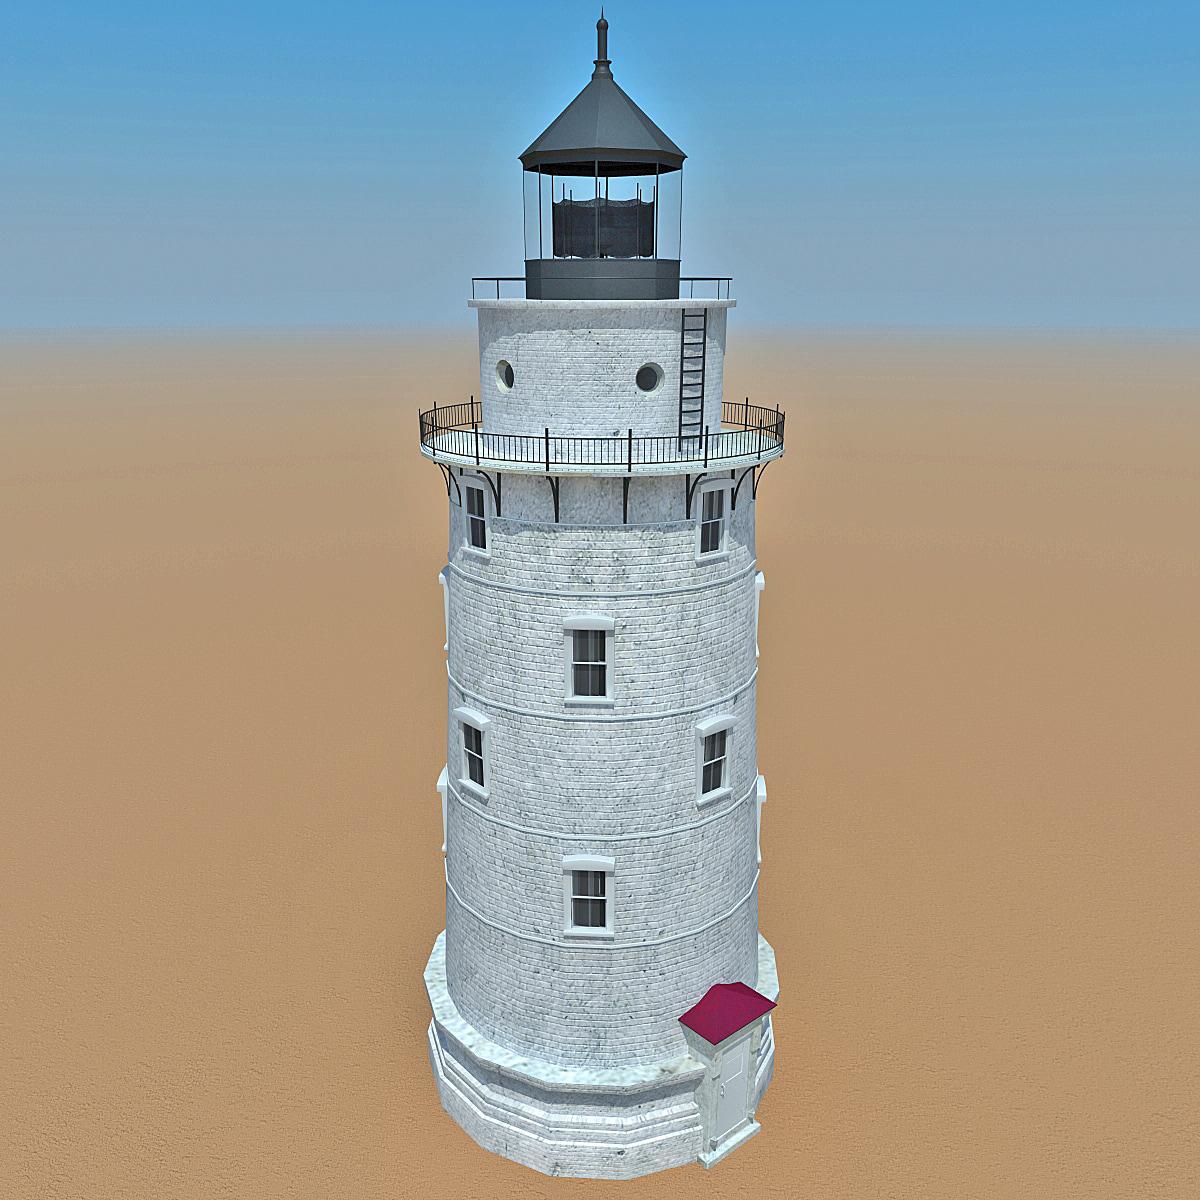 Lighthouse_V6_001.jpg